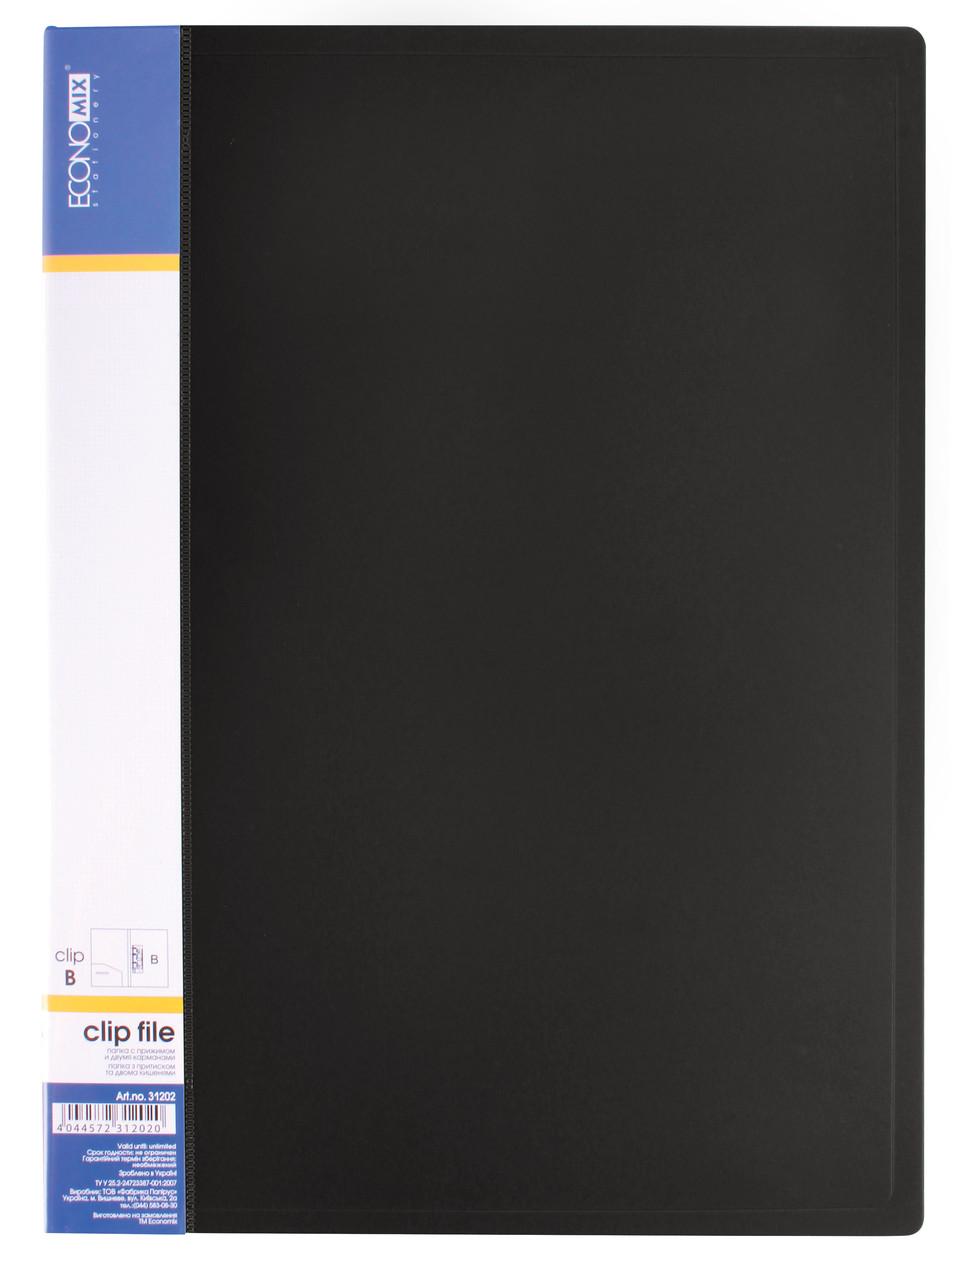 Папка А4 с боковым притиском Economix CLIP B, черная E31202-01